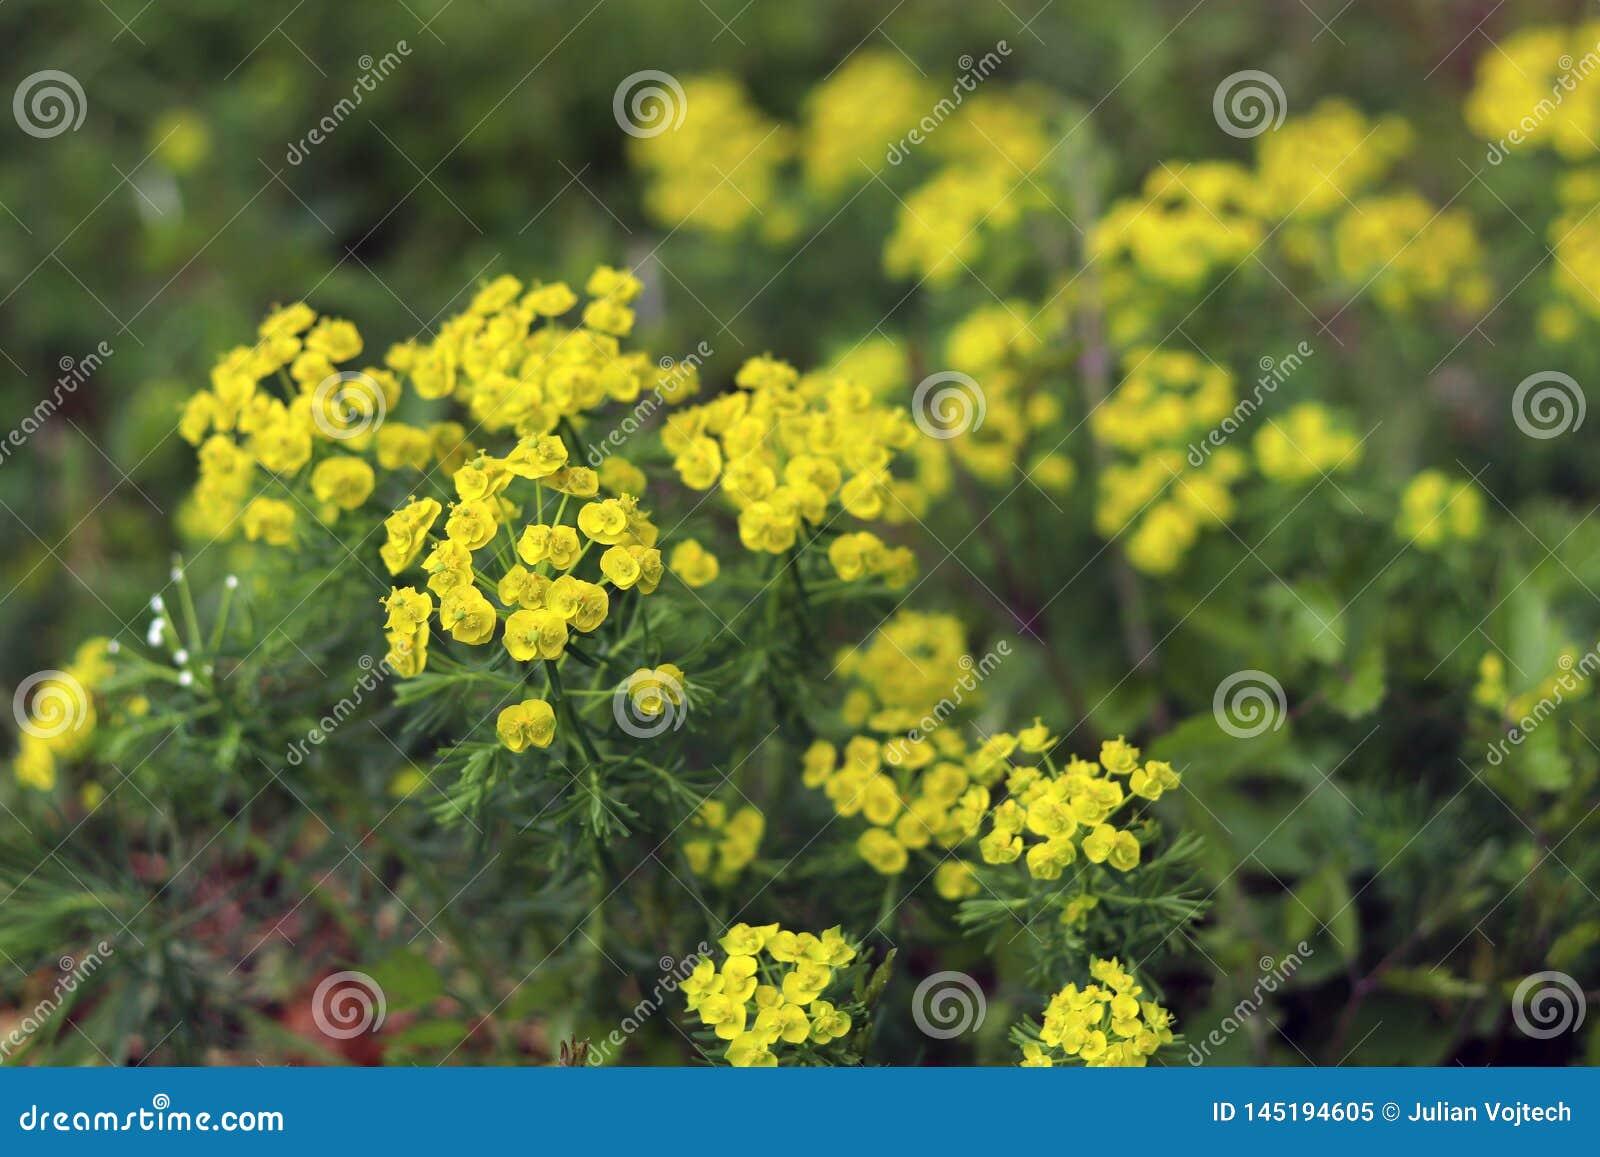 Fr?hlingslandschaftswiese mit Blumen naher hoher neutraler Hintergrund der Zusammenfassung